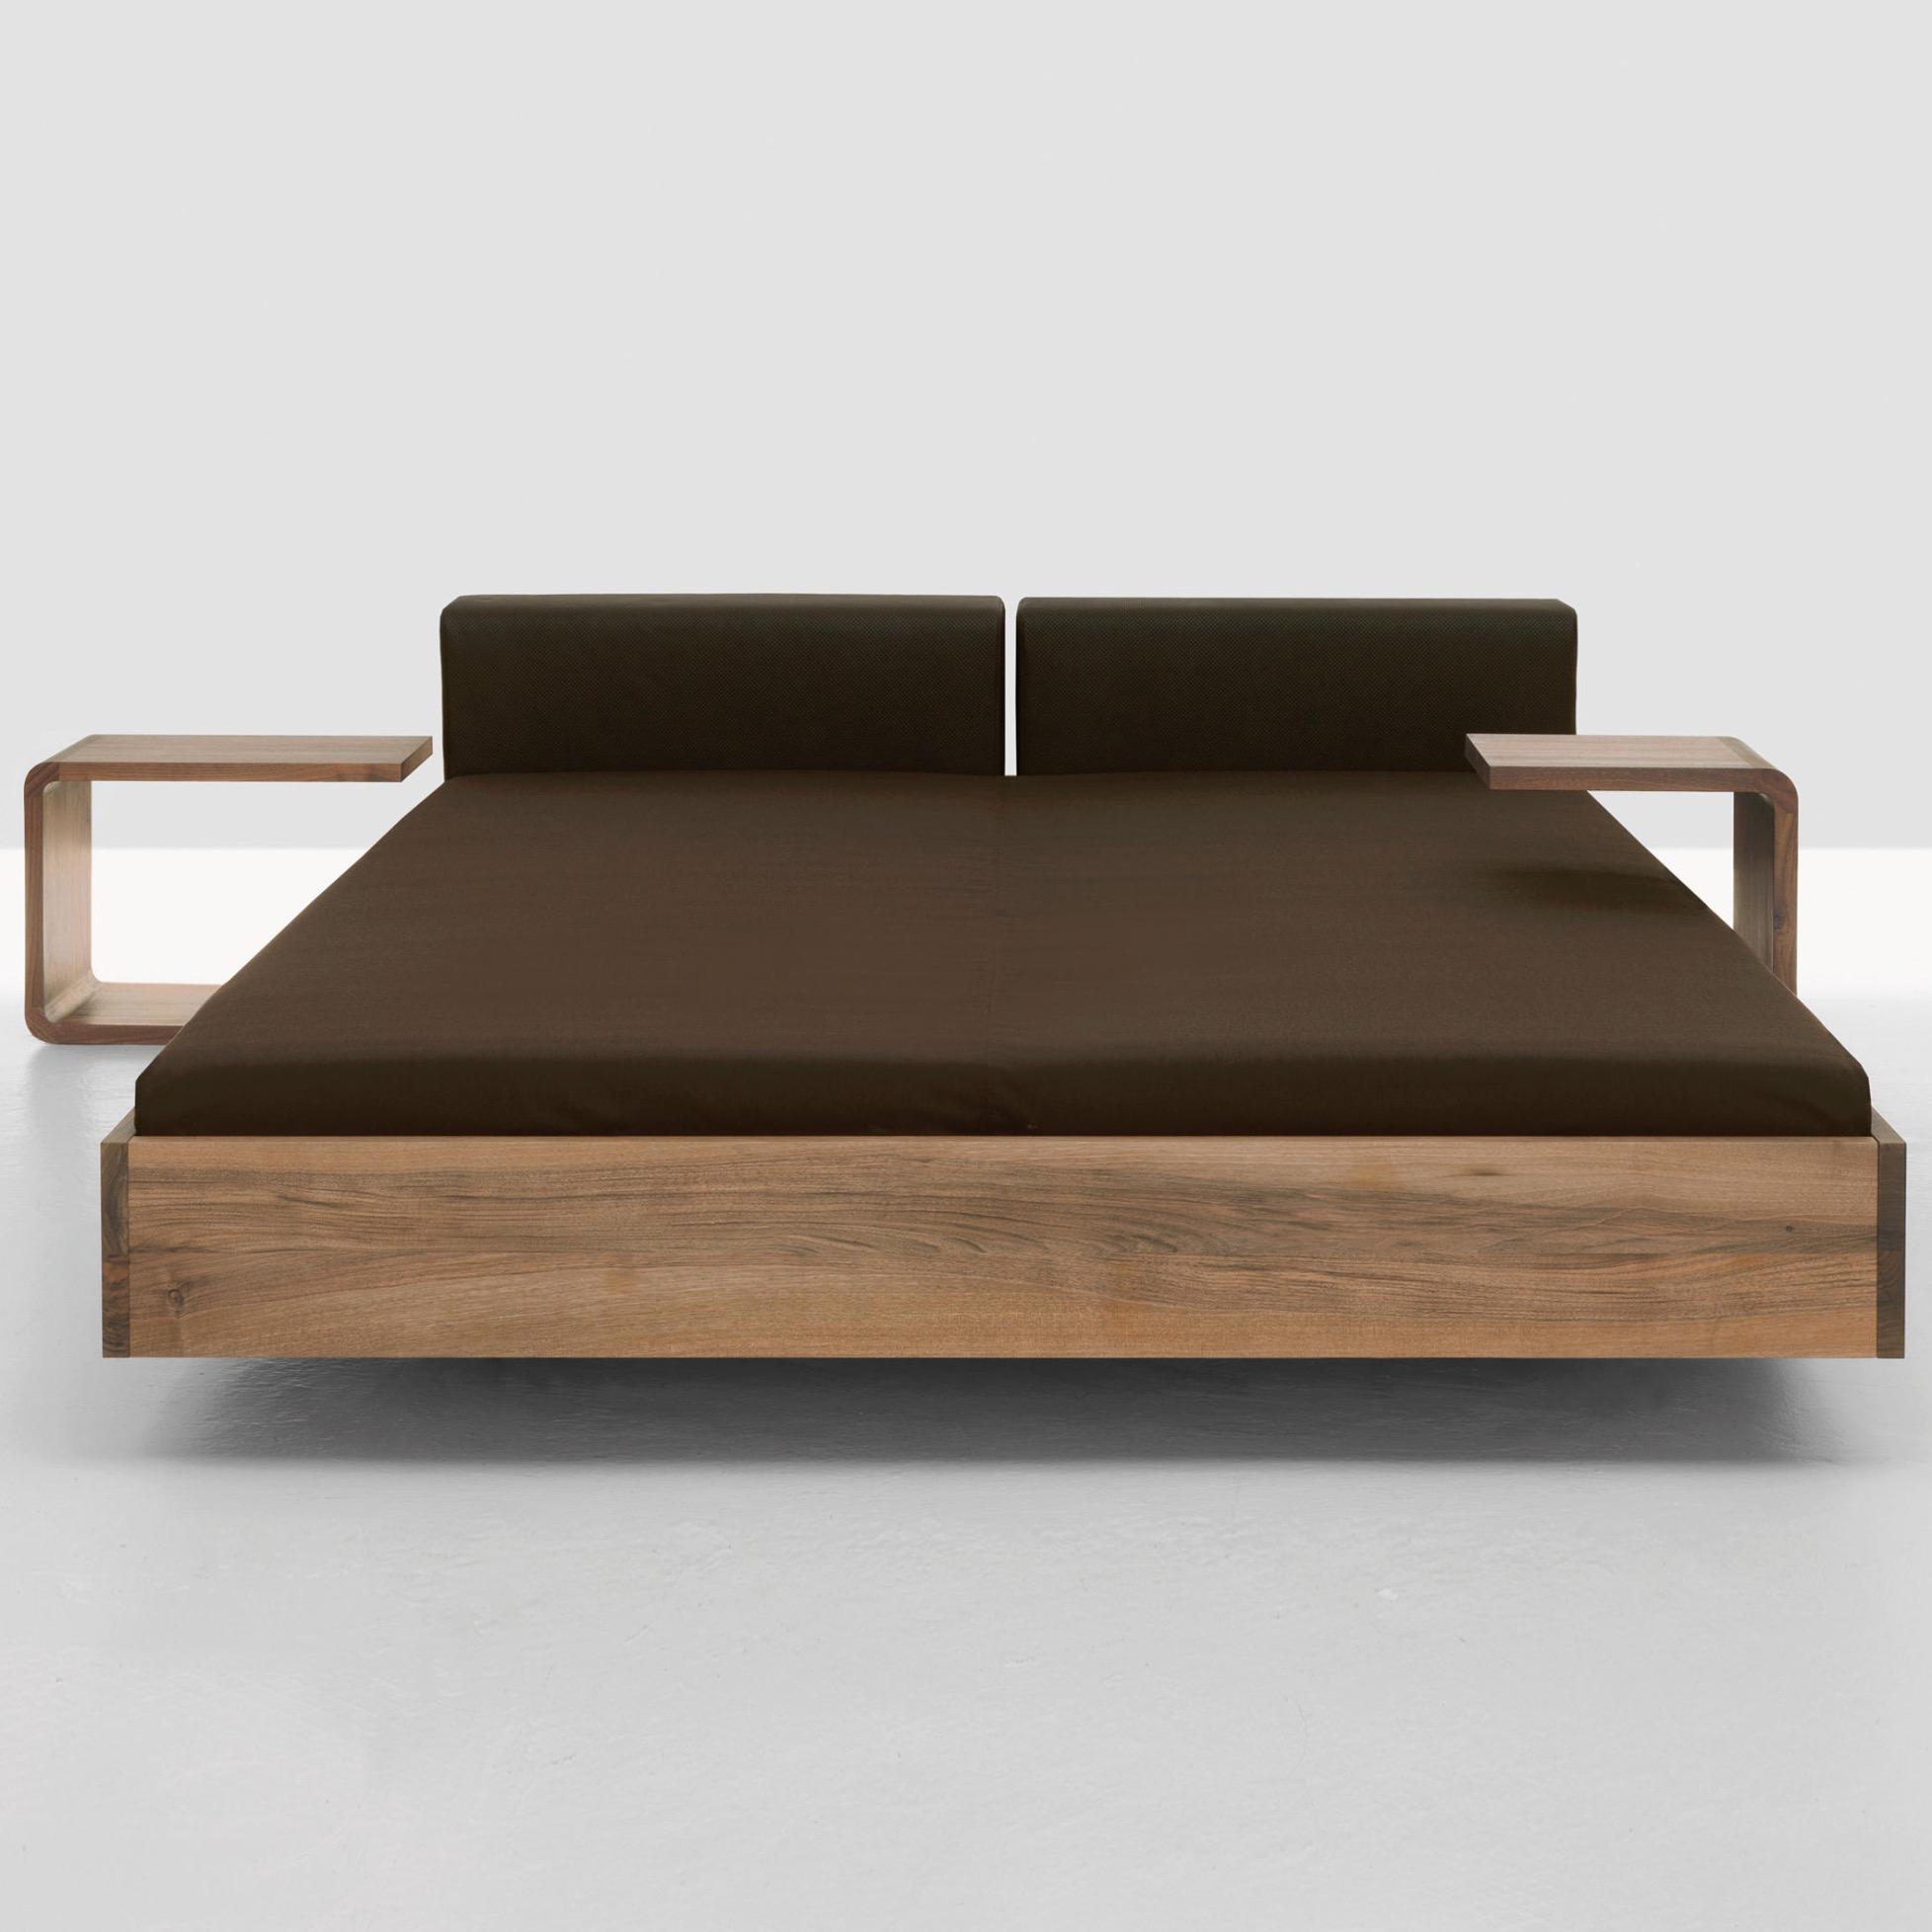 bett doze von zeitraum m bel. Black Bedroom Furniture Sets. Home Design Ideas